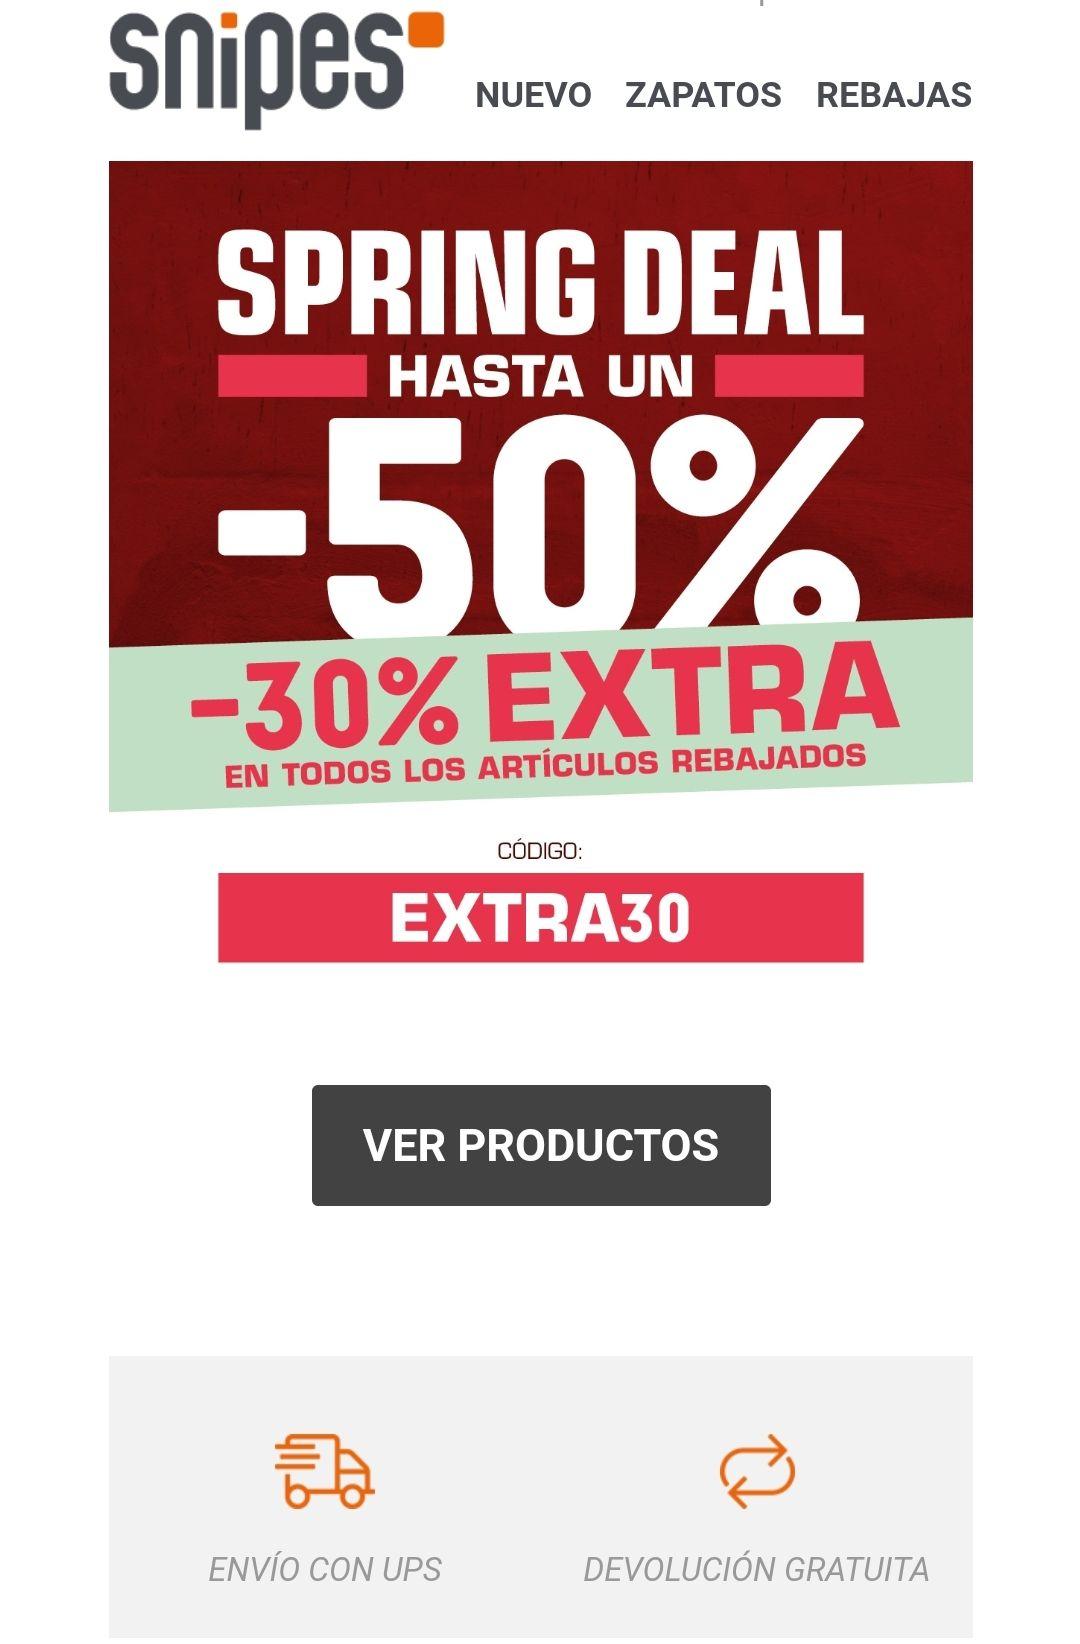 SNIPES -30% EXTRA en productos rebajados